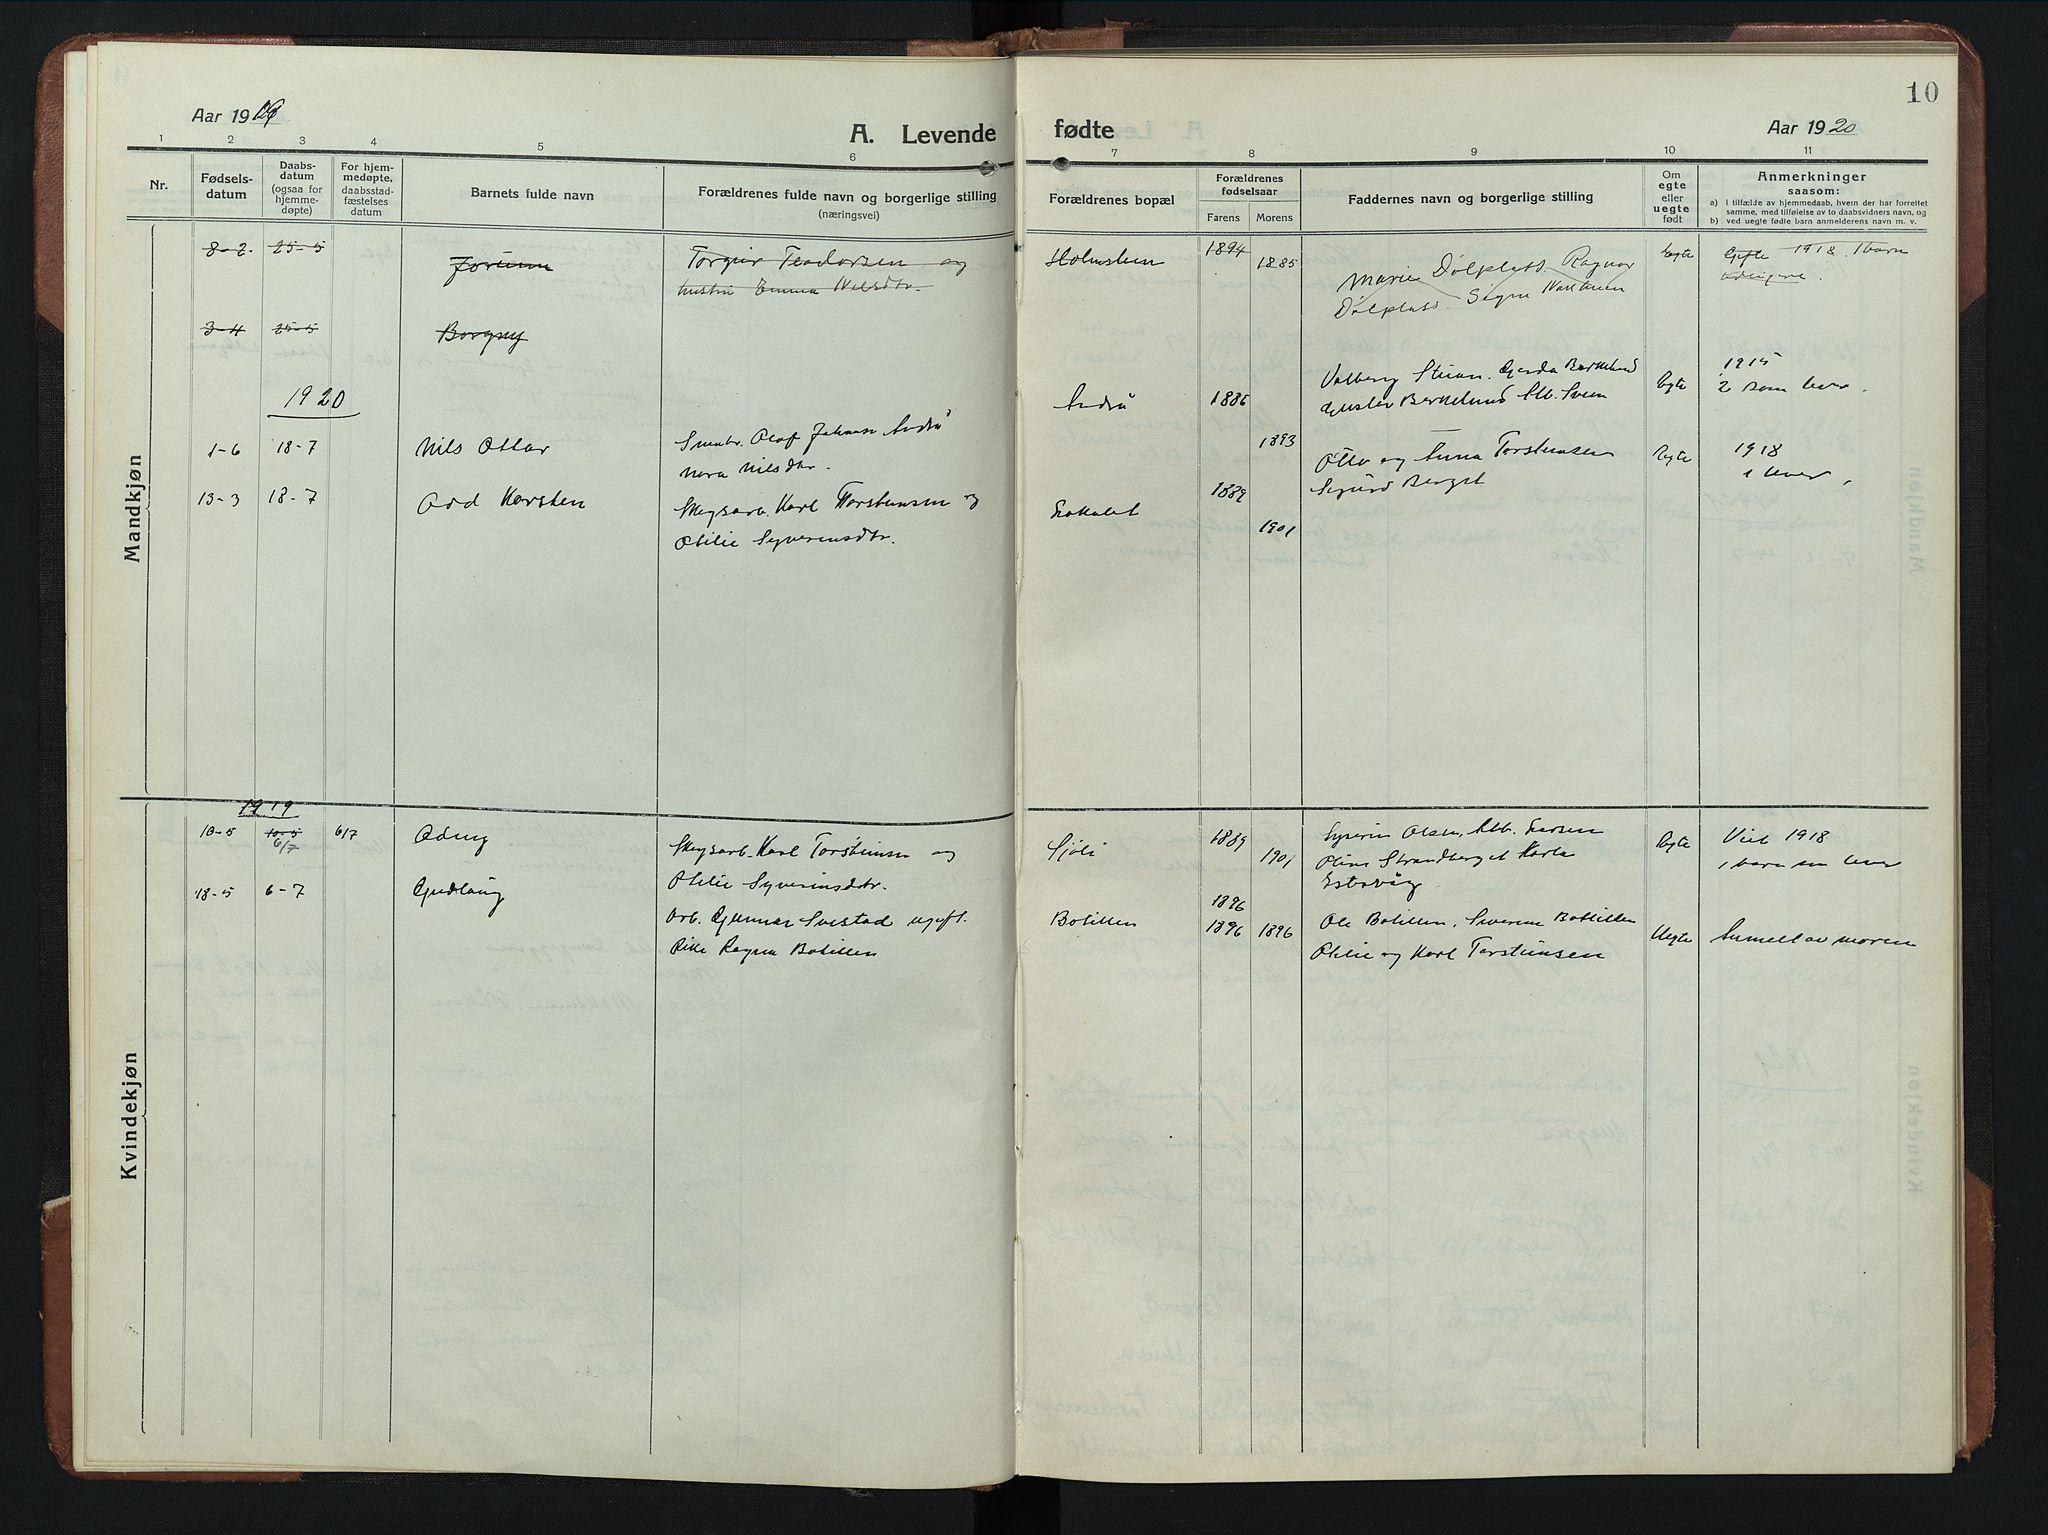 SAH, Rendalen prestekontor, H/Ha/Hab/L0008: Klokkerbok nr. 8, 1914-1948, s. 10